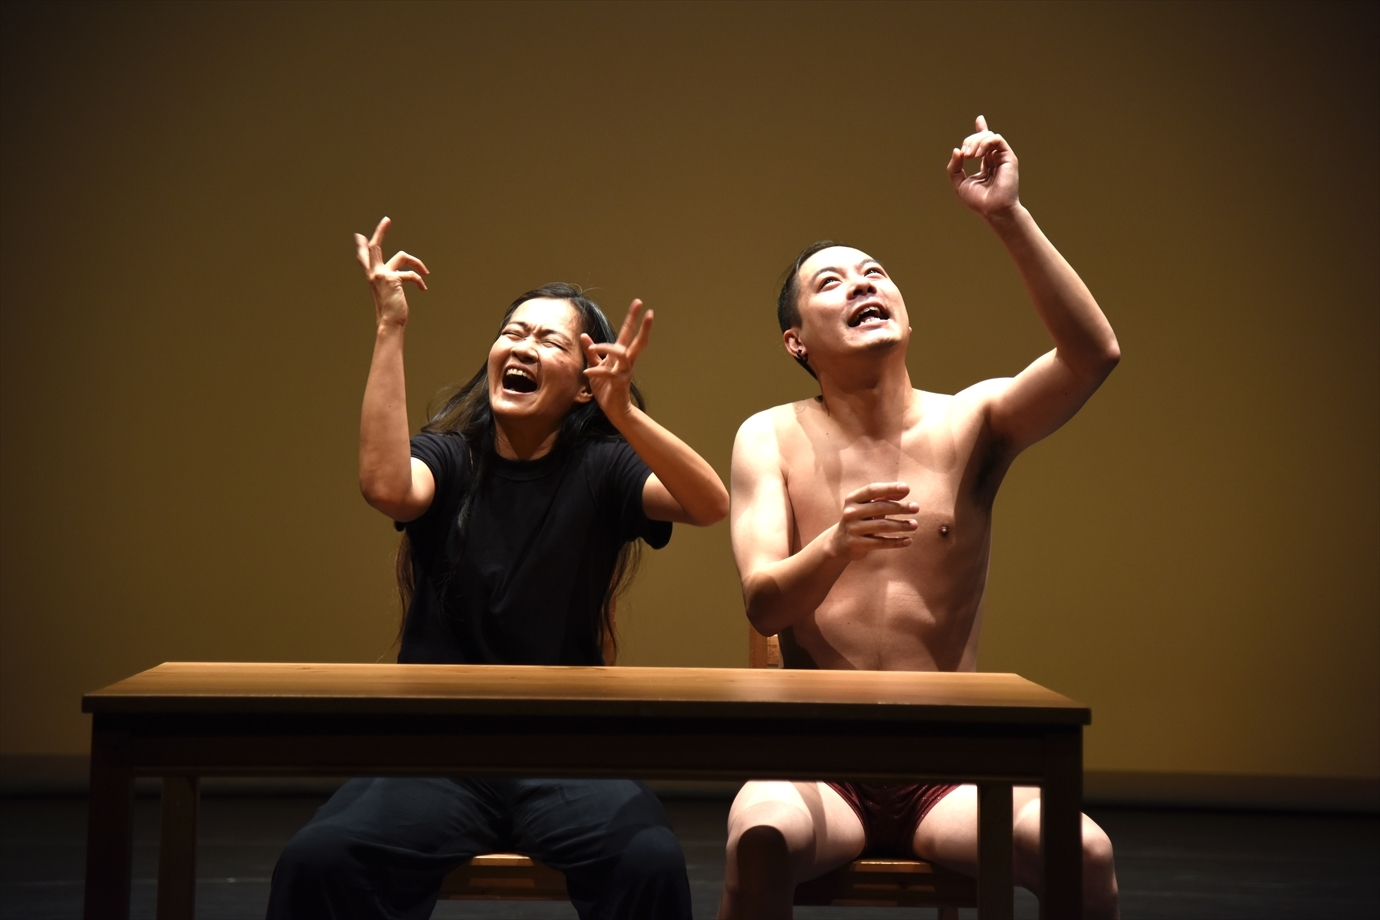 『後代400』(リュウ・シャオイ演出)左から、オコーン・クオ・ジン・ホン、リュウ・シャオユン。 撮影/宮内勝